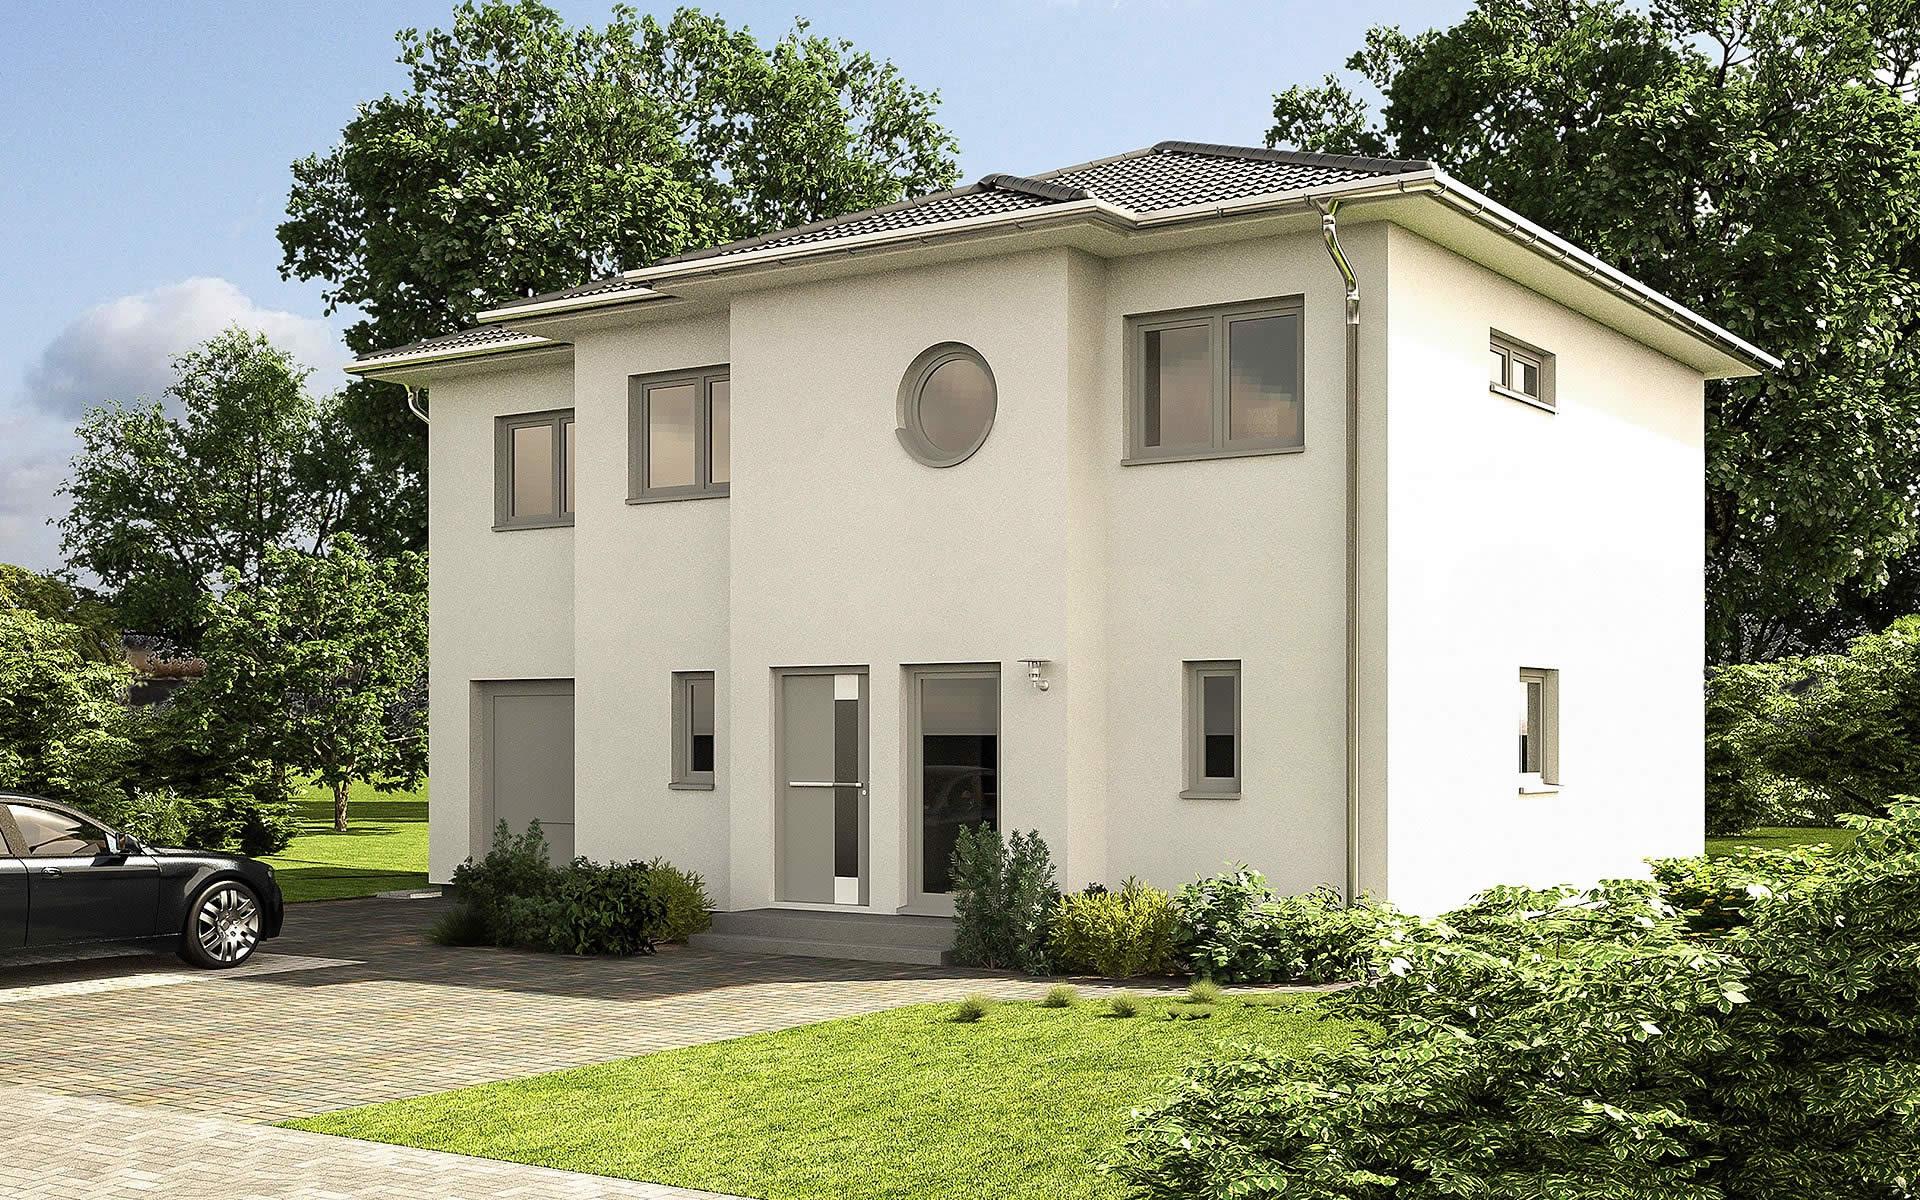 Eos 161 - Bärenhaus - das fertige Haus GmbH